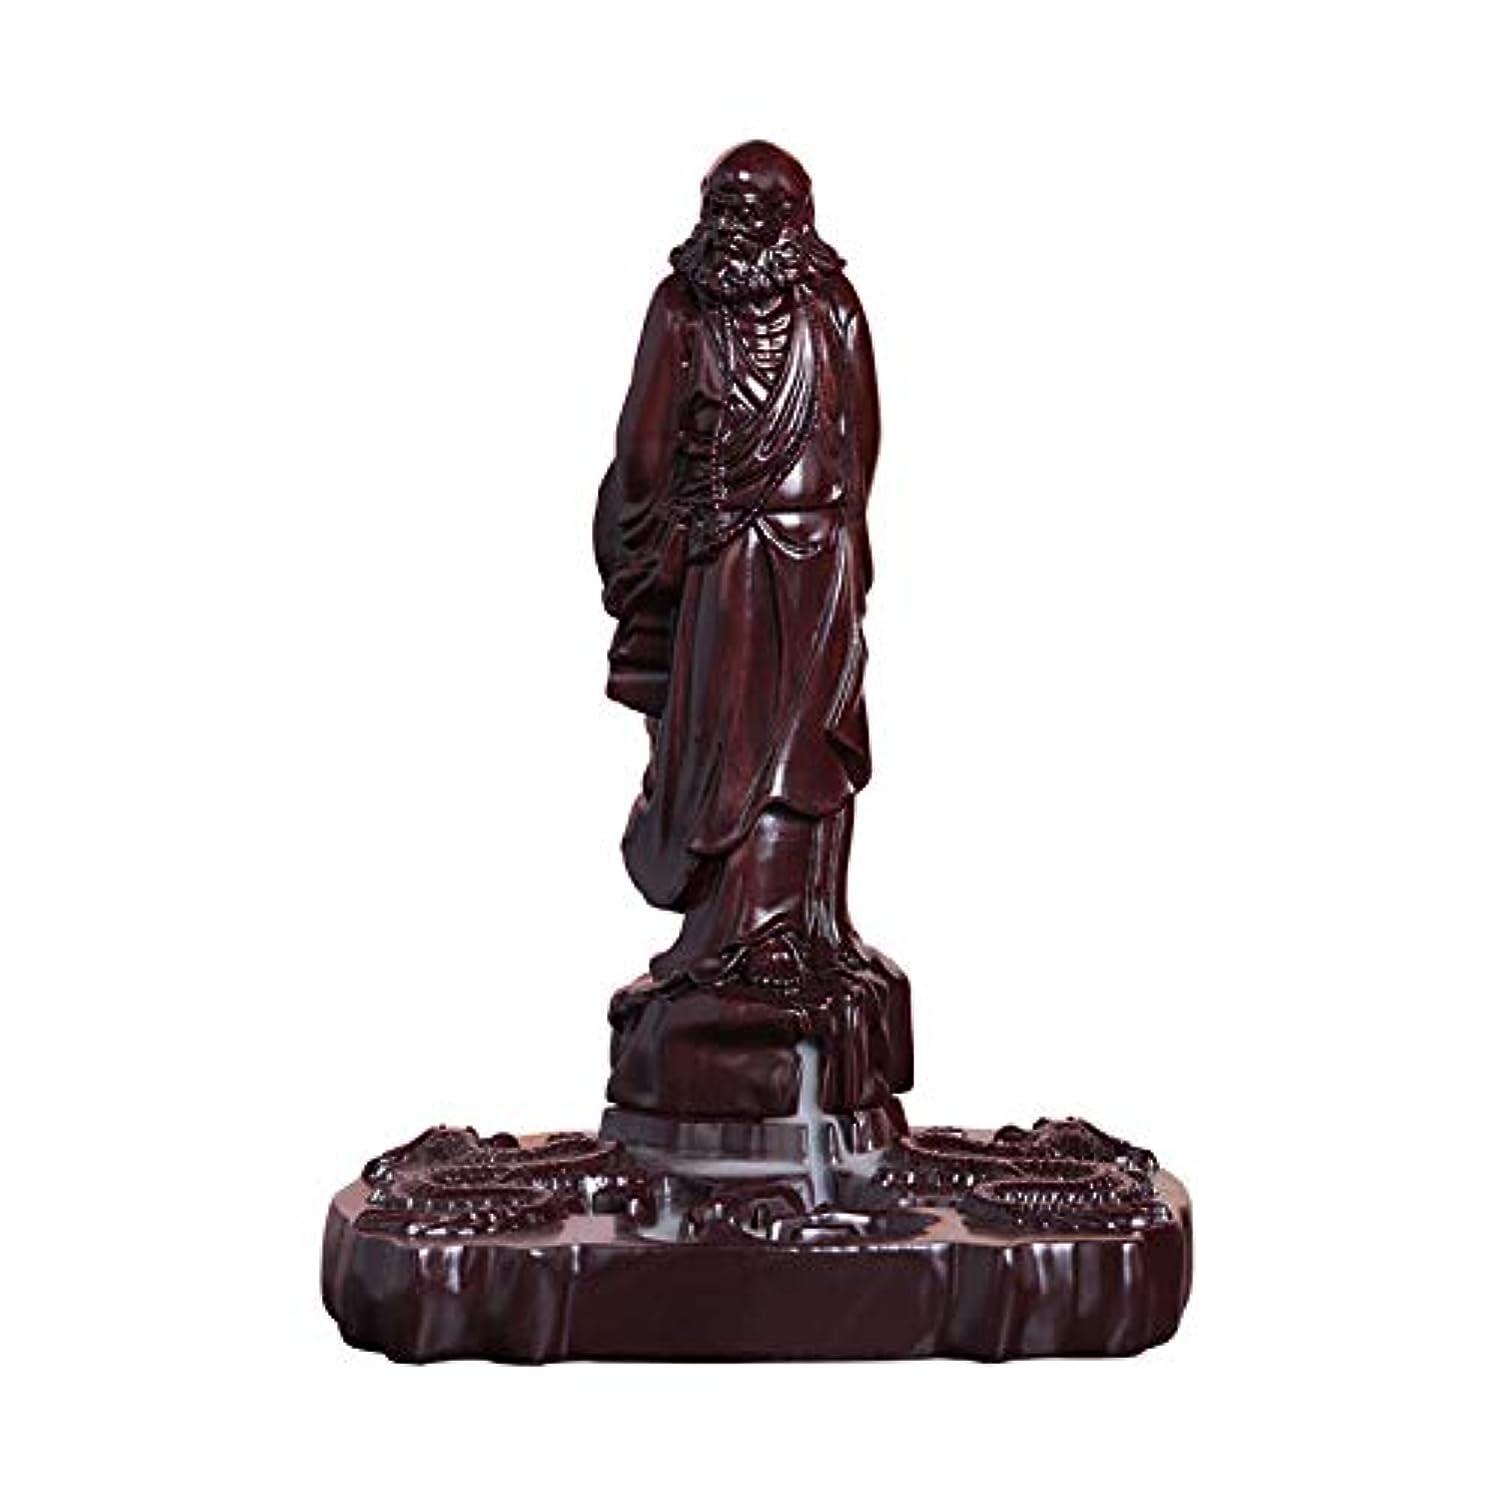 クールリブ適応的PHILOGOD マホガニー香炉 ダルマ 菩提 香立て ダルマ 木彫り工芸品逆流香炉 お香 ホルダー 香皿